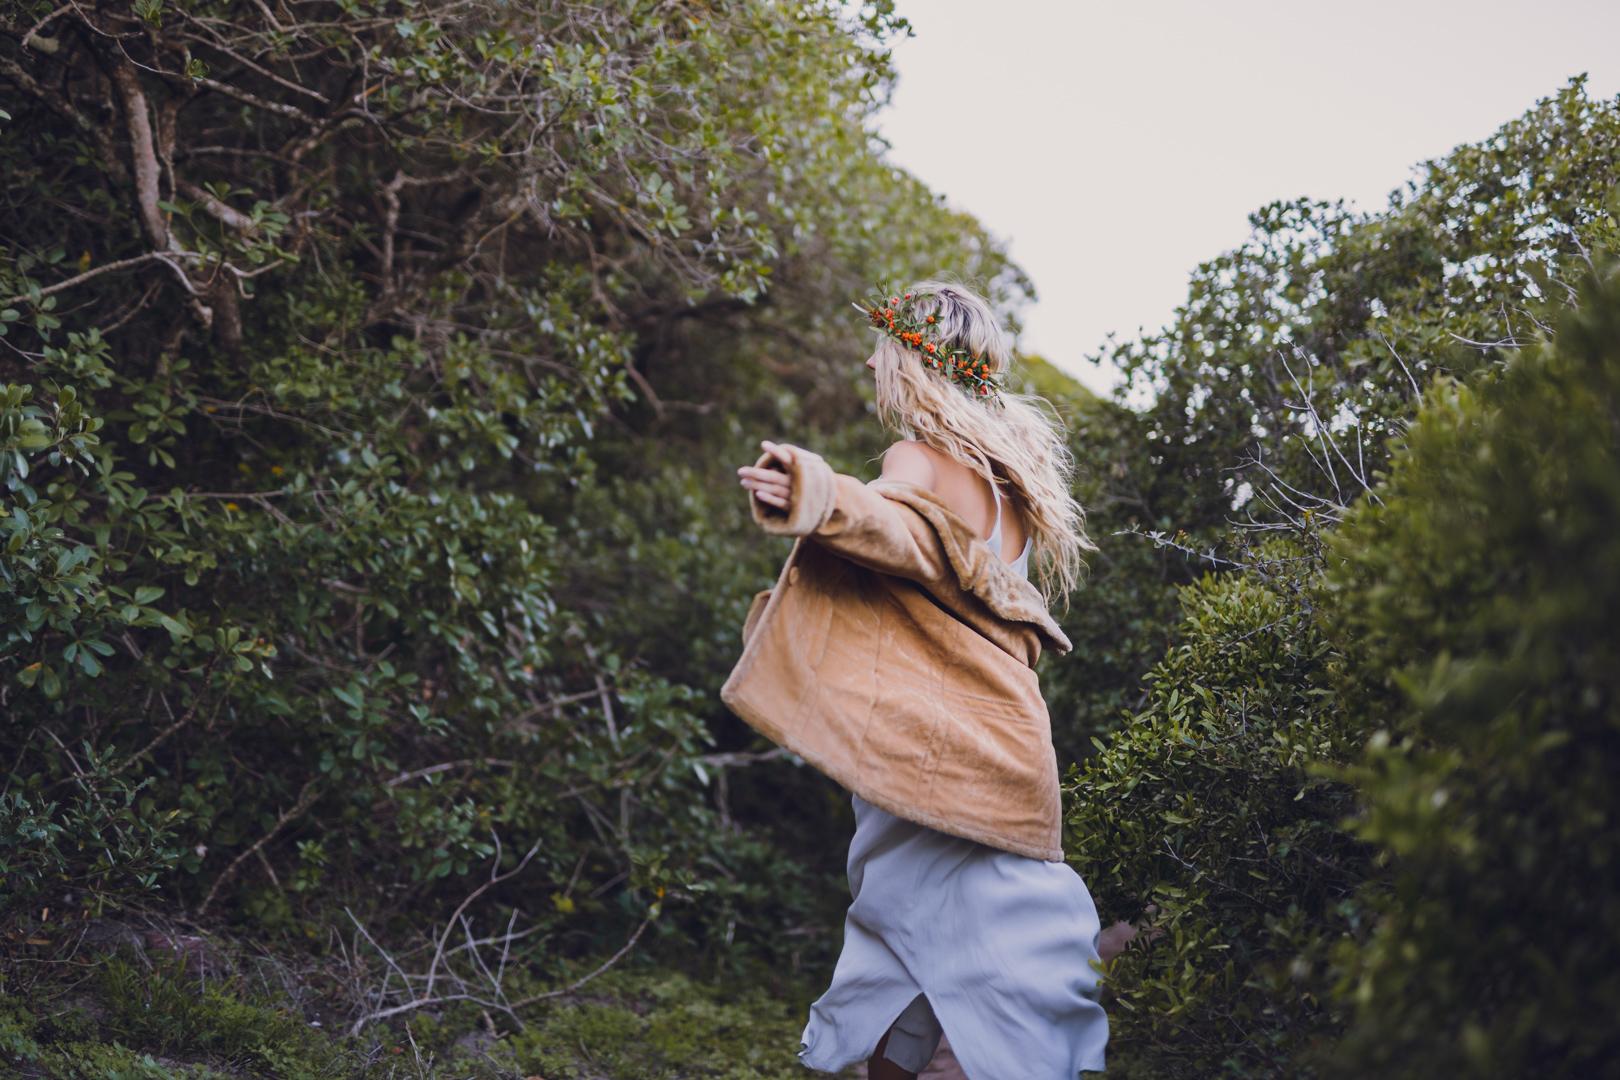 Tyler Moolman Woodland Forest Portrait - Cape Town, South Africa - Cape Image Co. by Ken Treloar-SML-11.jpg